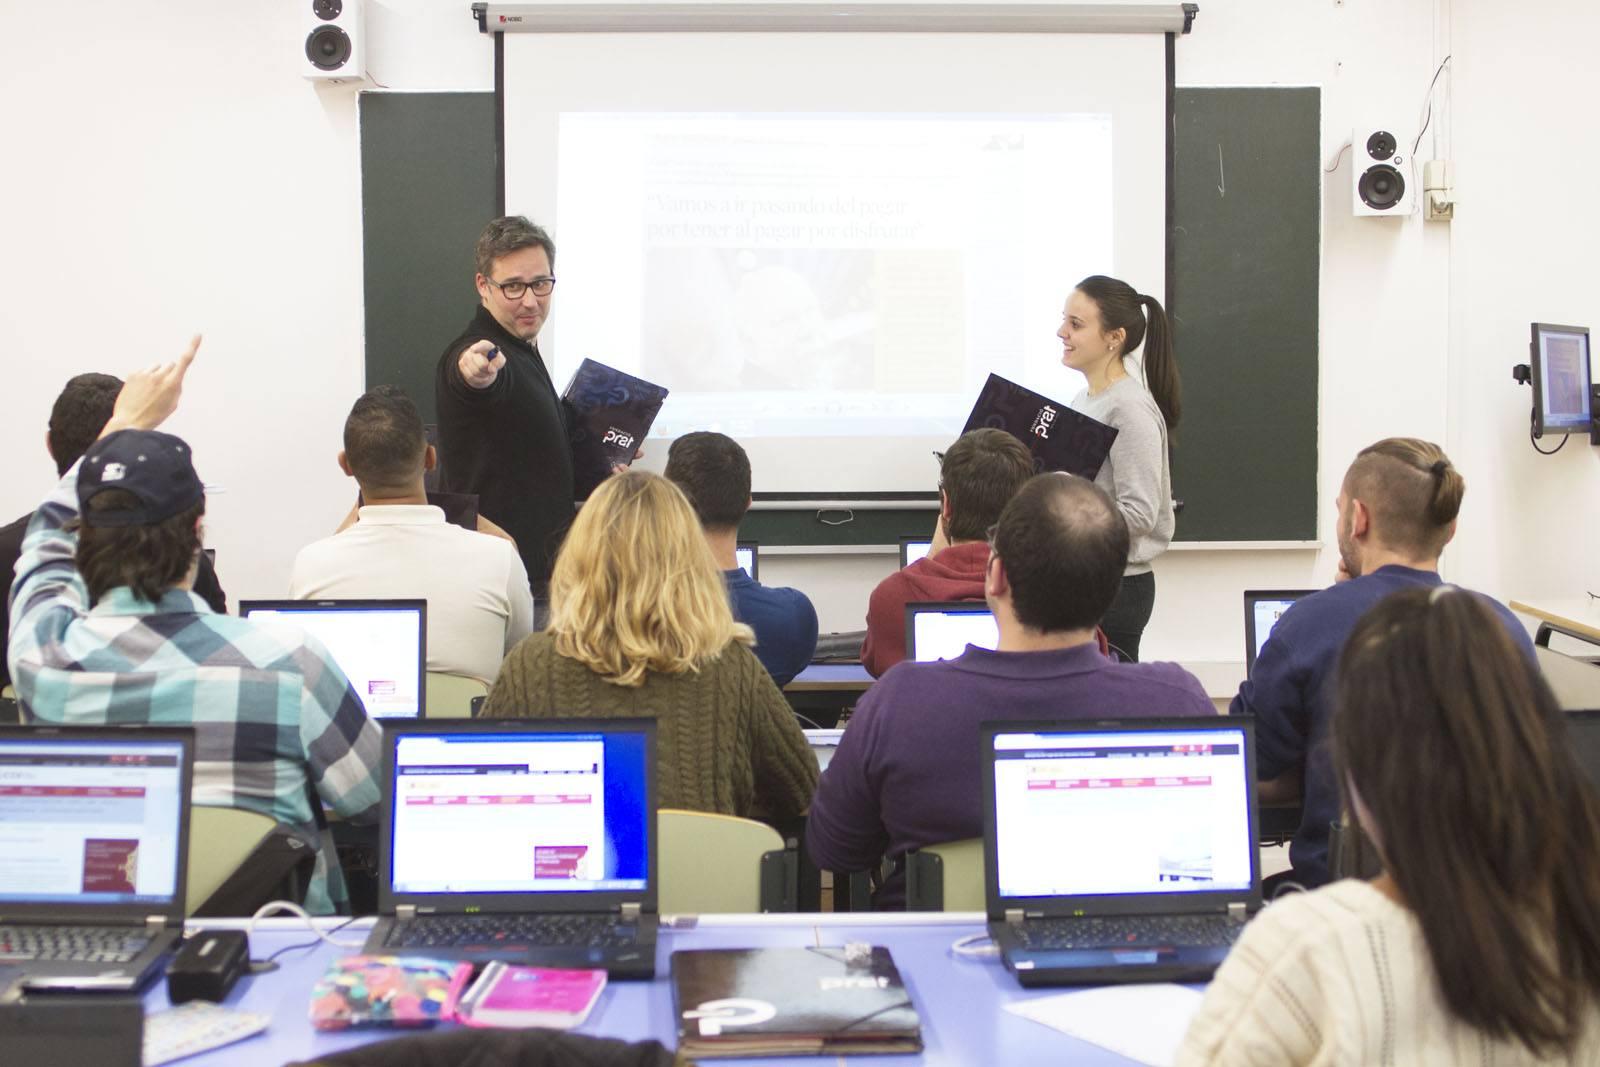 Batchillerato privado en Barcelona - 100% APROBADOS EN LAS PAU 2015-16